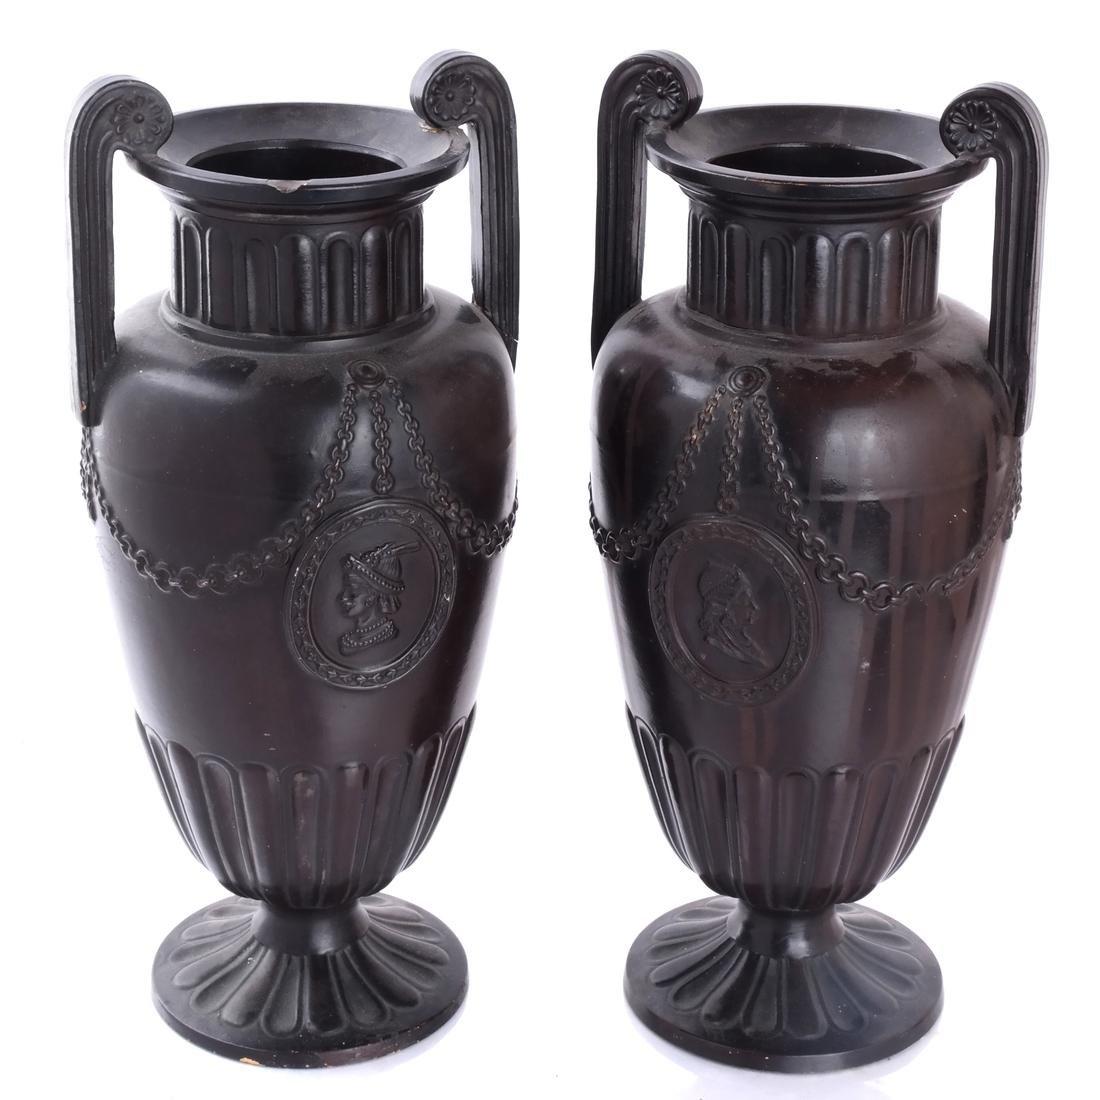 Pair of Classical Style Ceramic Urns